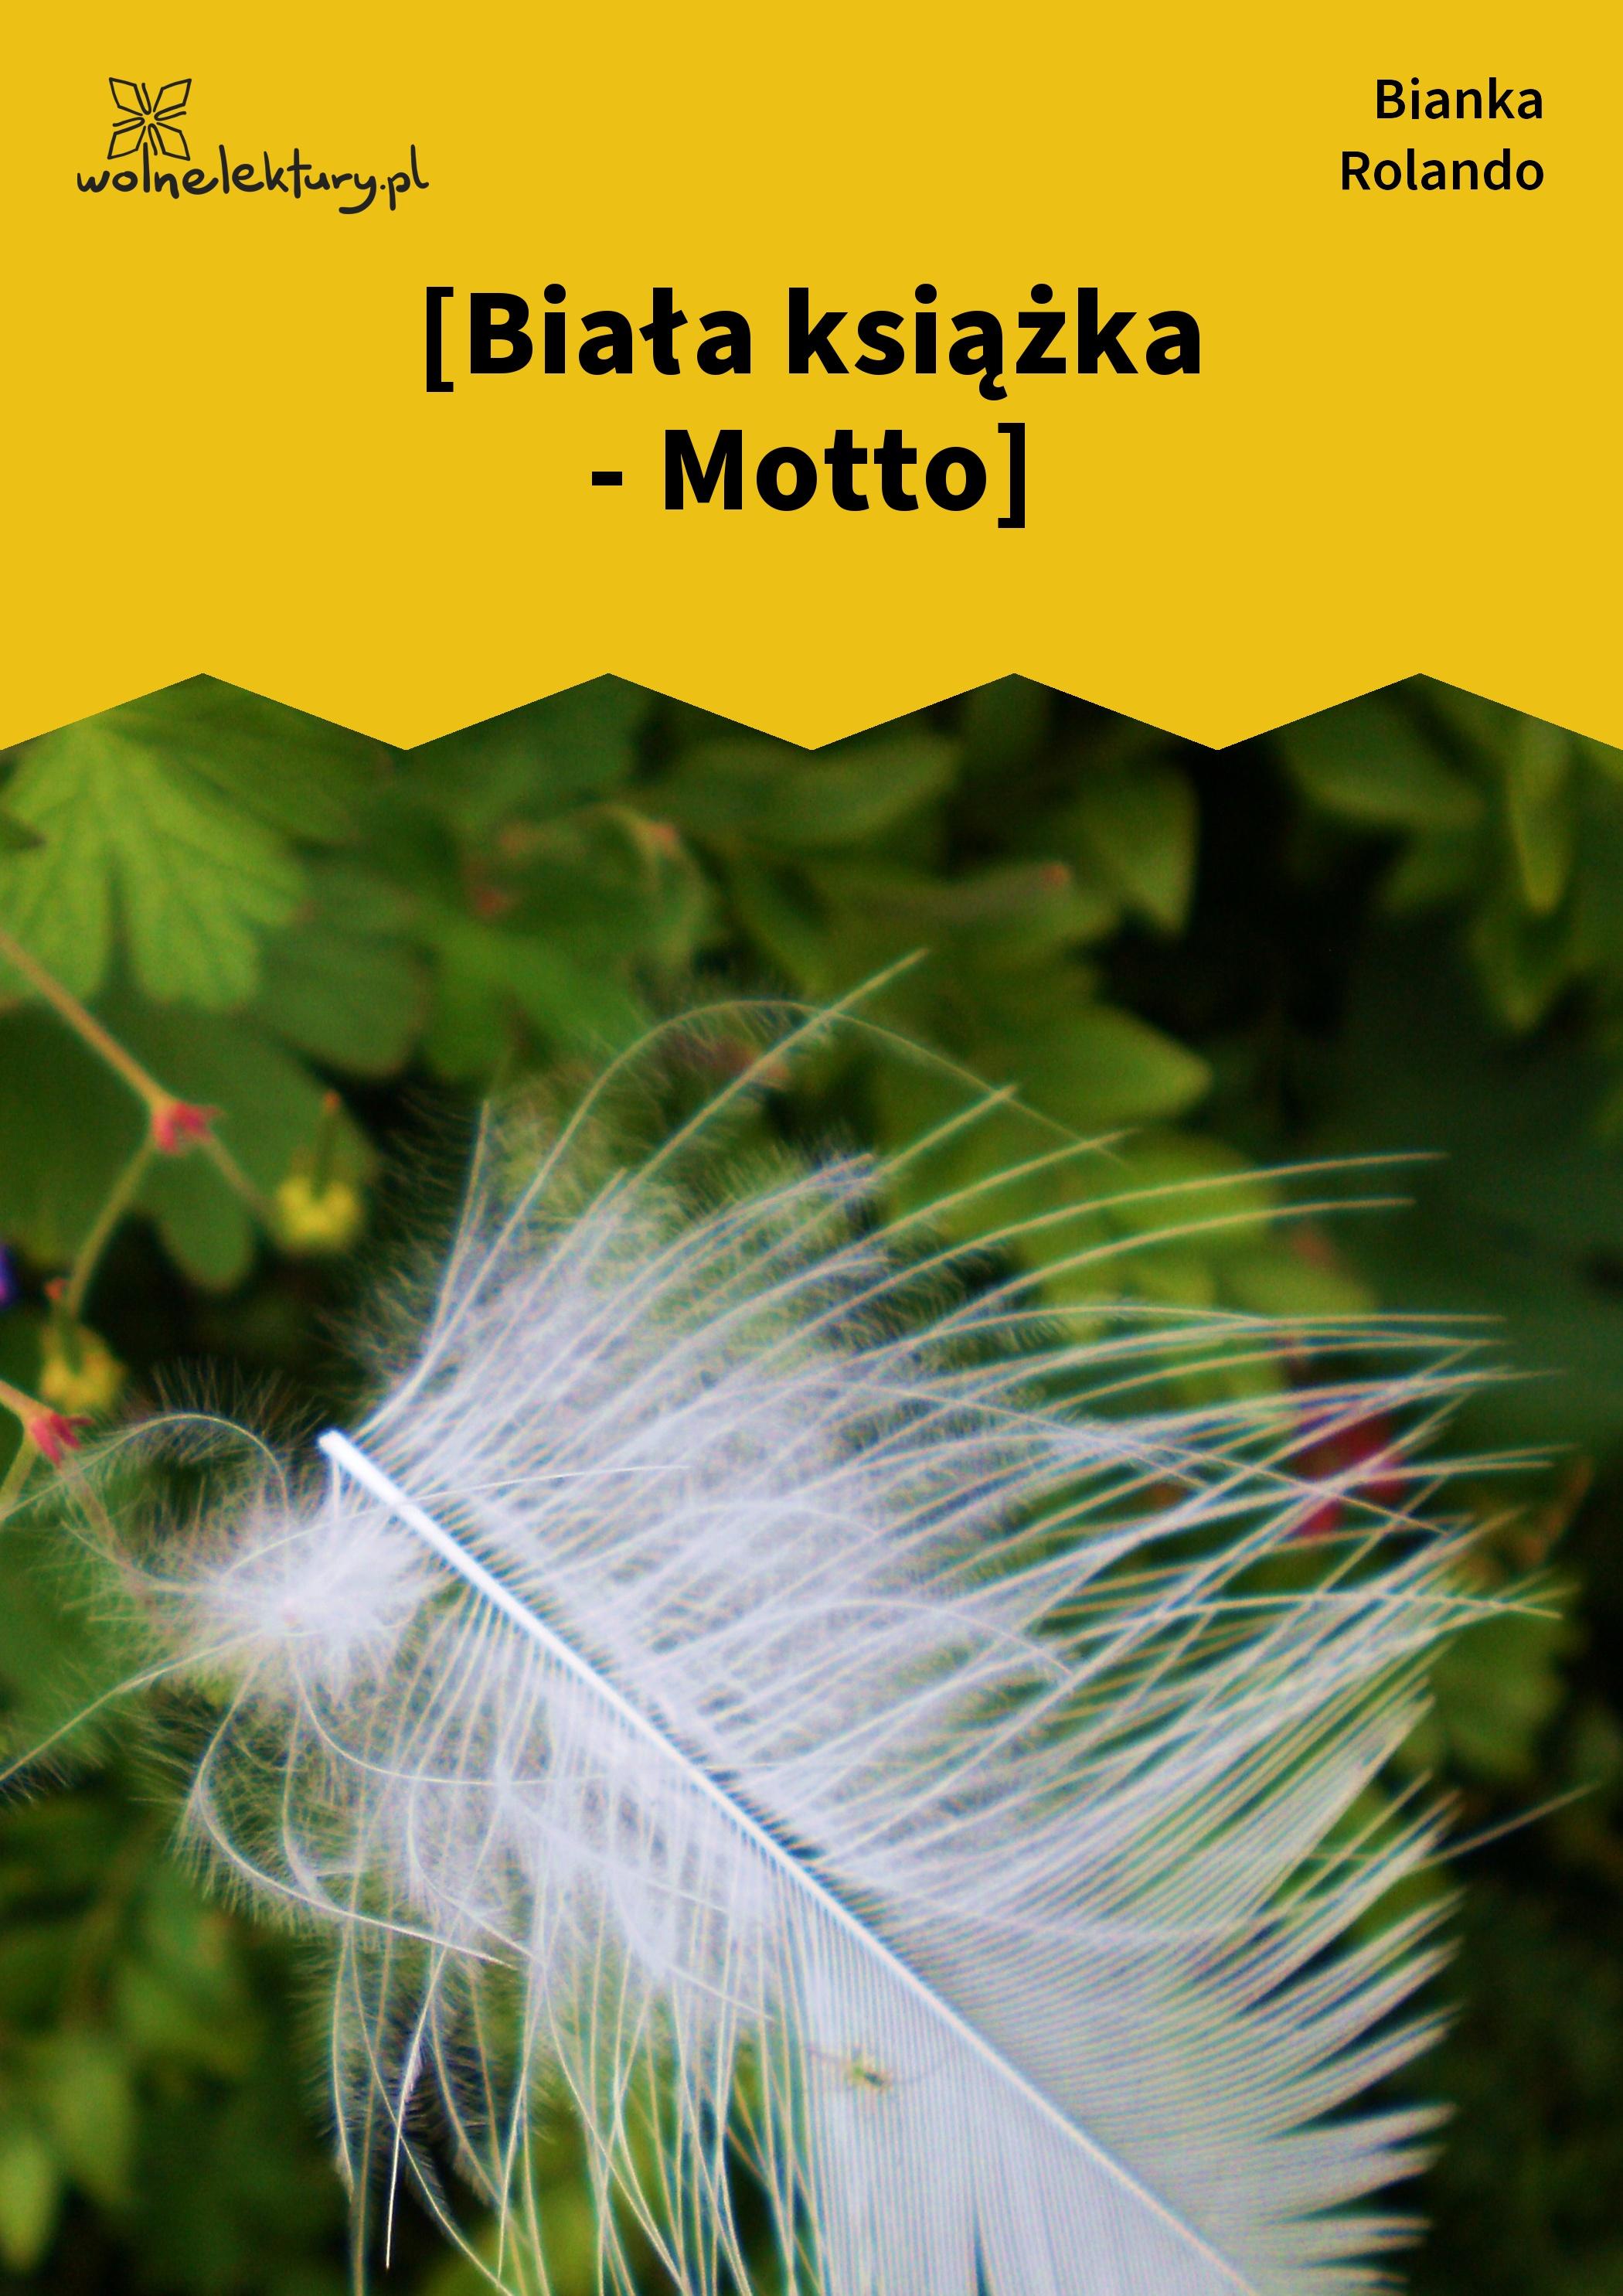 Bianka Rolando Biała Książka Wolne Lektury